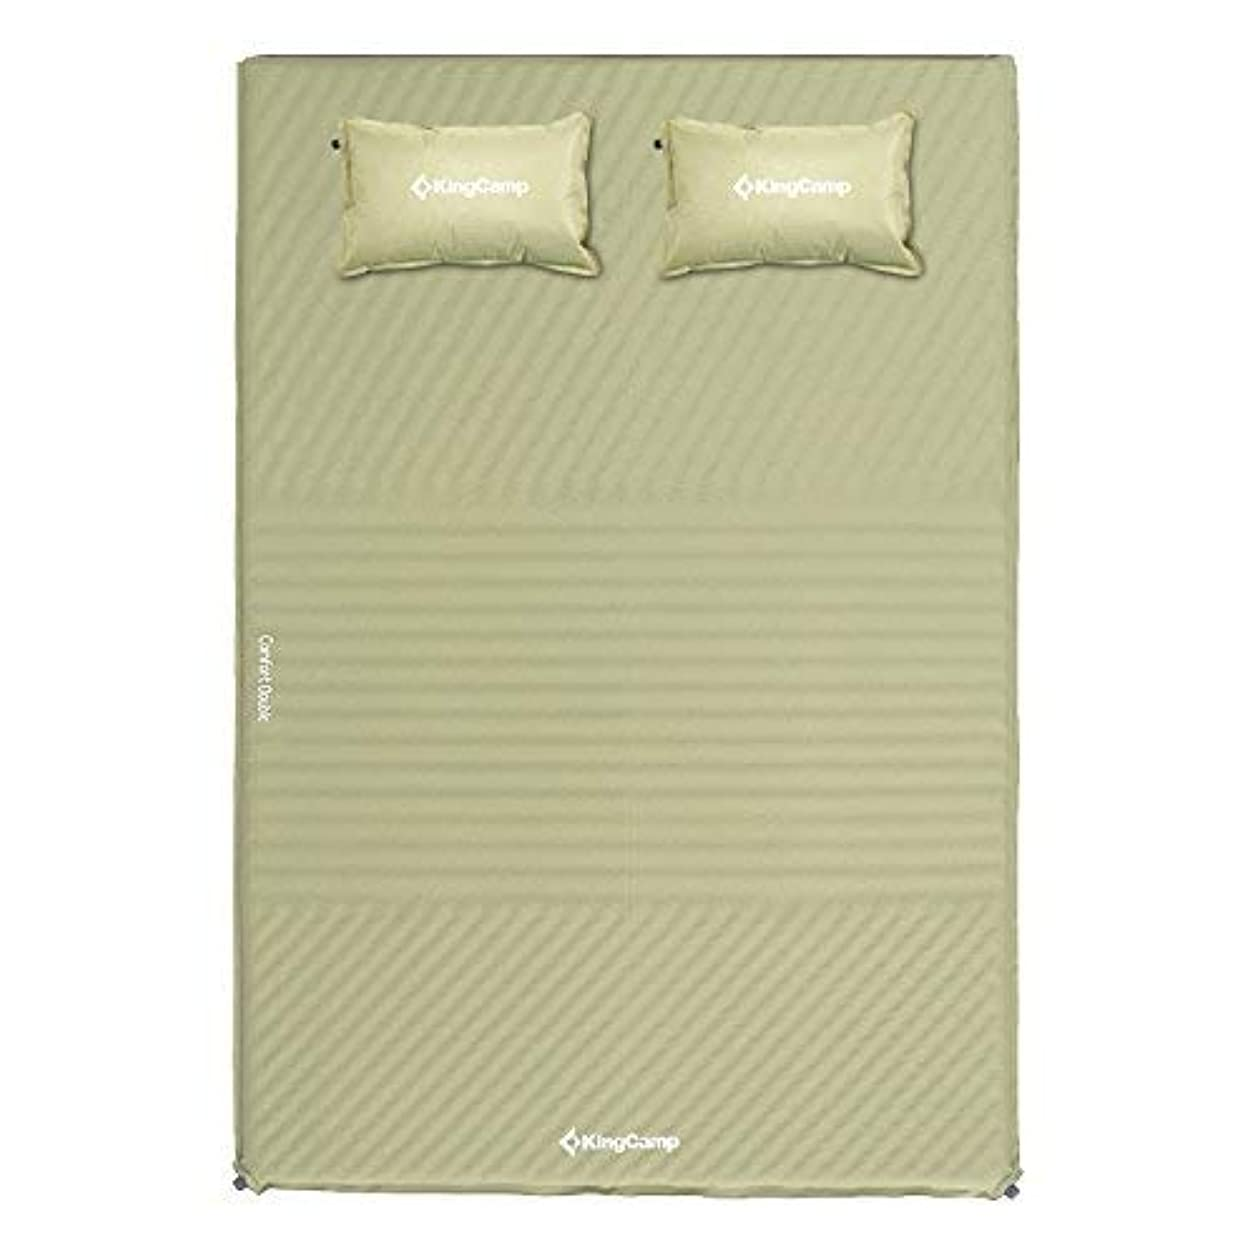 海藻落花生インドKingCamp Triple Zone Comfort Double Self Inflating 75D Micro Brushed Sleeping Pad Mattress with 2 Pillows (Beige) [並行輸入品]